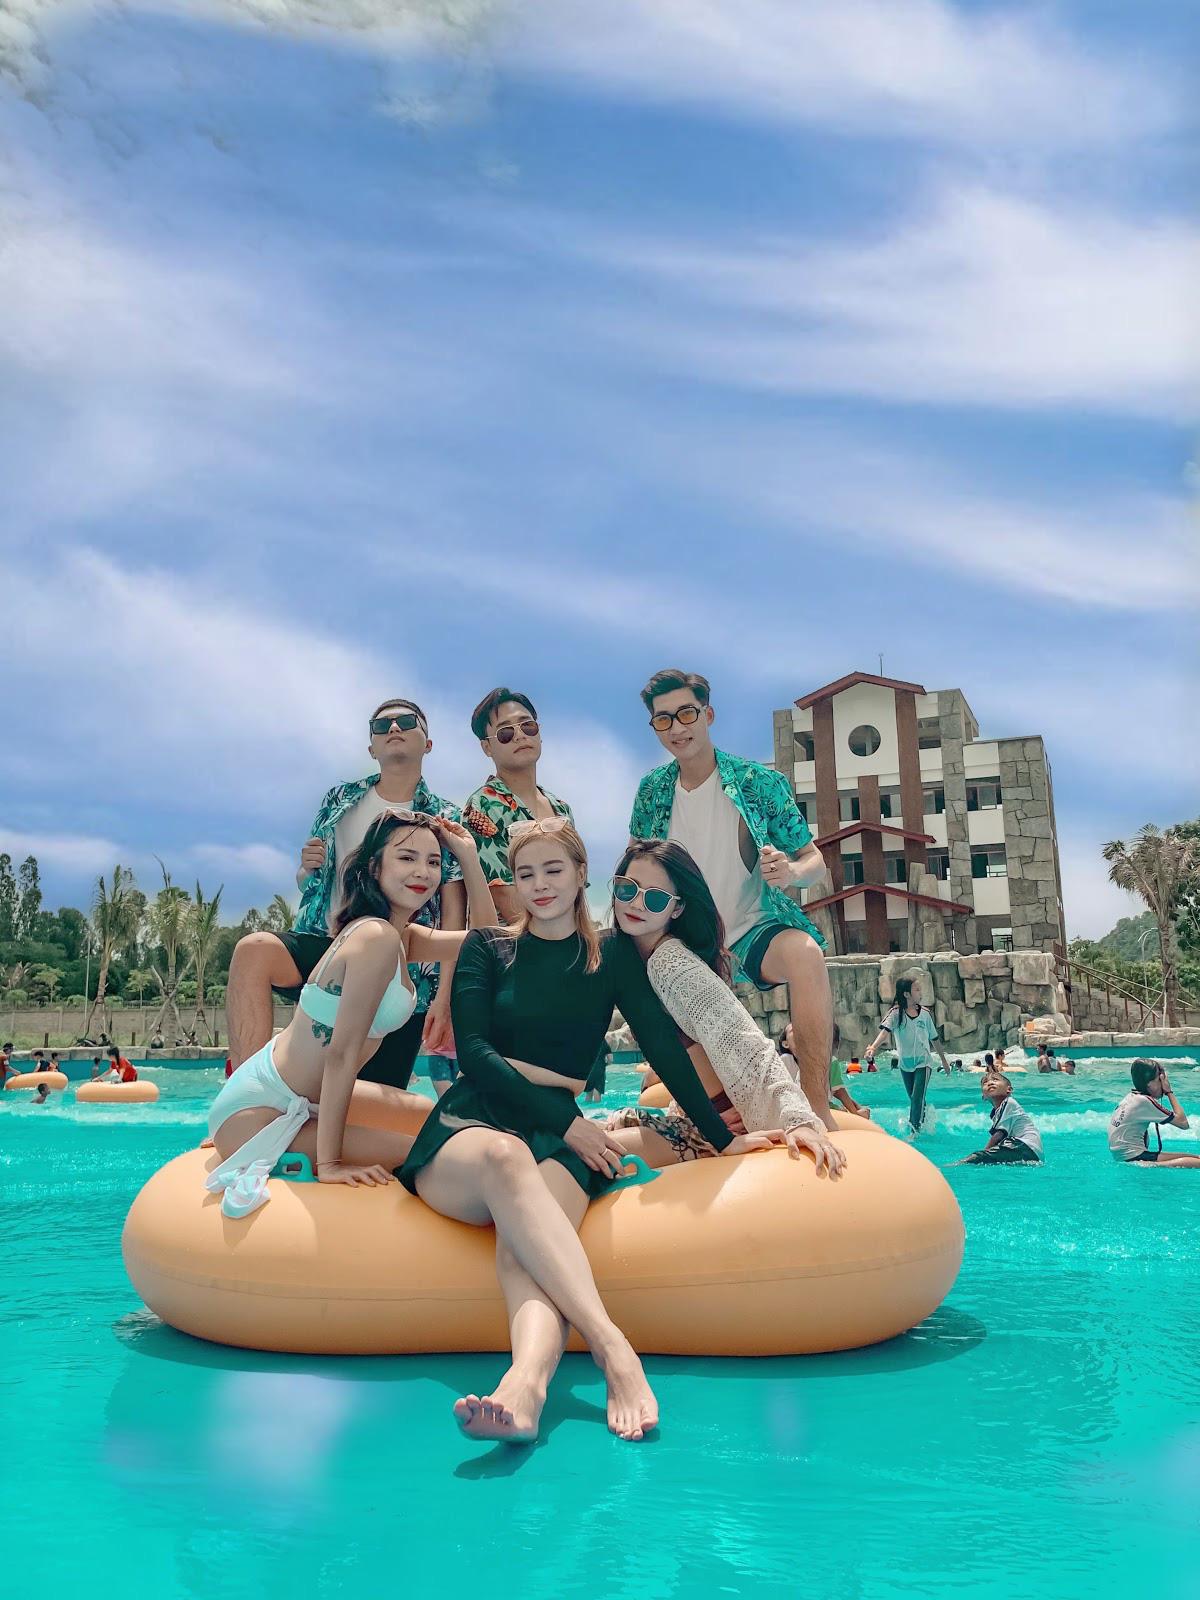 Điểm đến giải nhiệt mùa hè không thể bỏ qua của giới trẻ tại công viên nước Thanh Long Water Park An Giang - Ảnh 6.